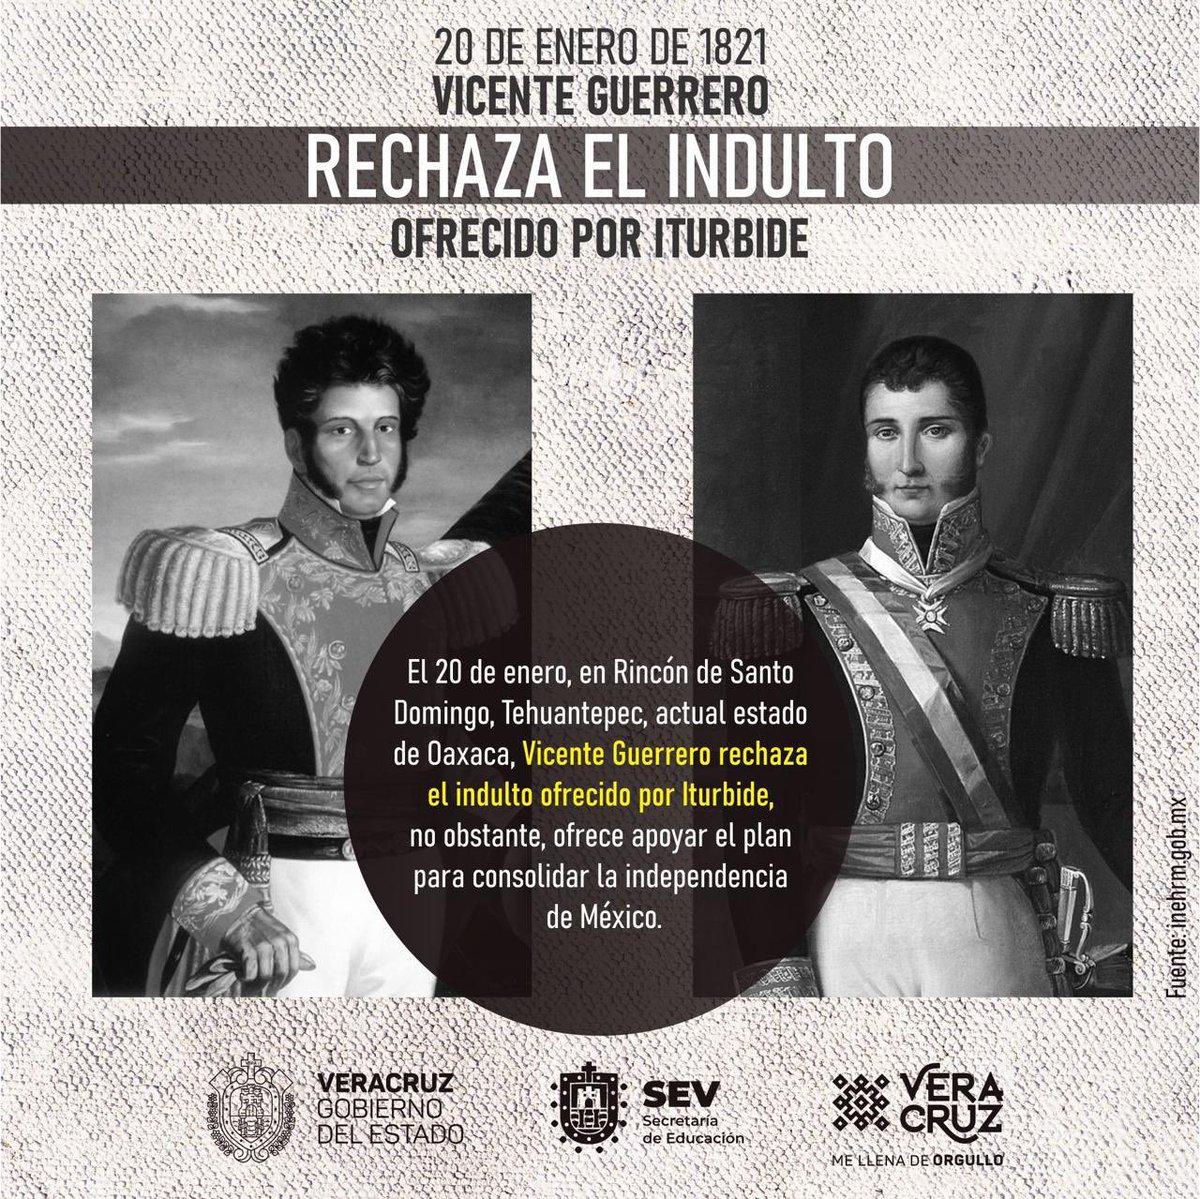 #UnDíaComoHoy, pero en 1821, Vicente Guerrero rechaza el indulto ofrecido por Iturbide y ofrece apoyar el plan para consolidar la independencia de México.